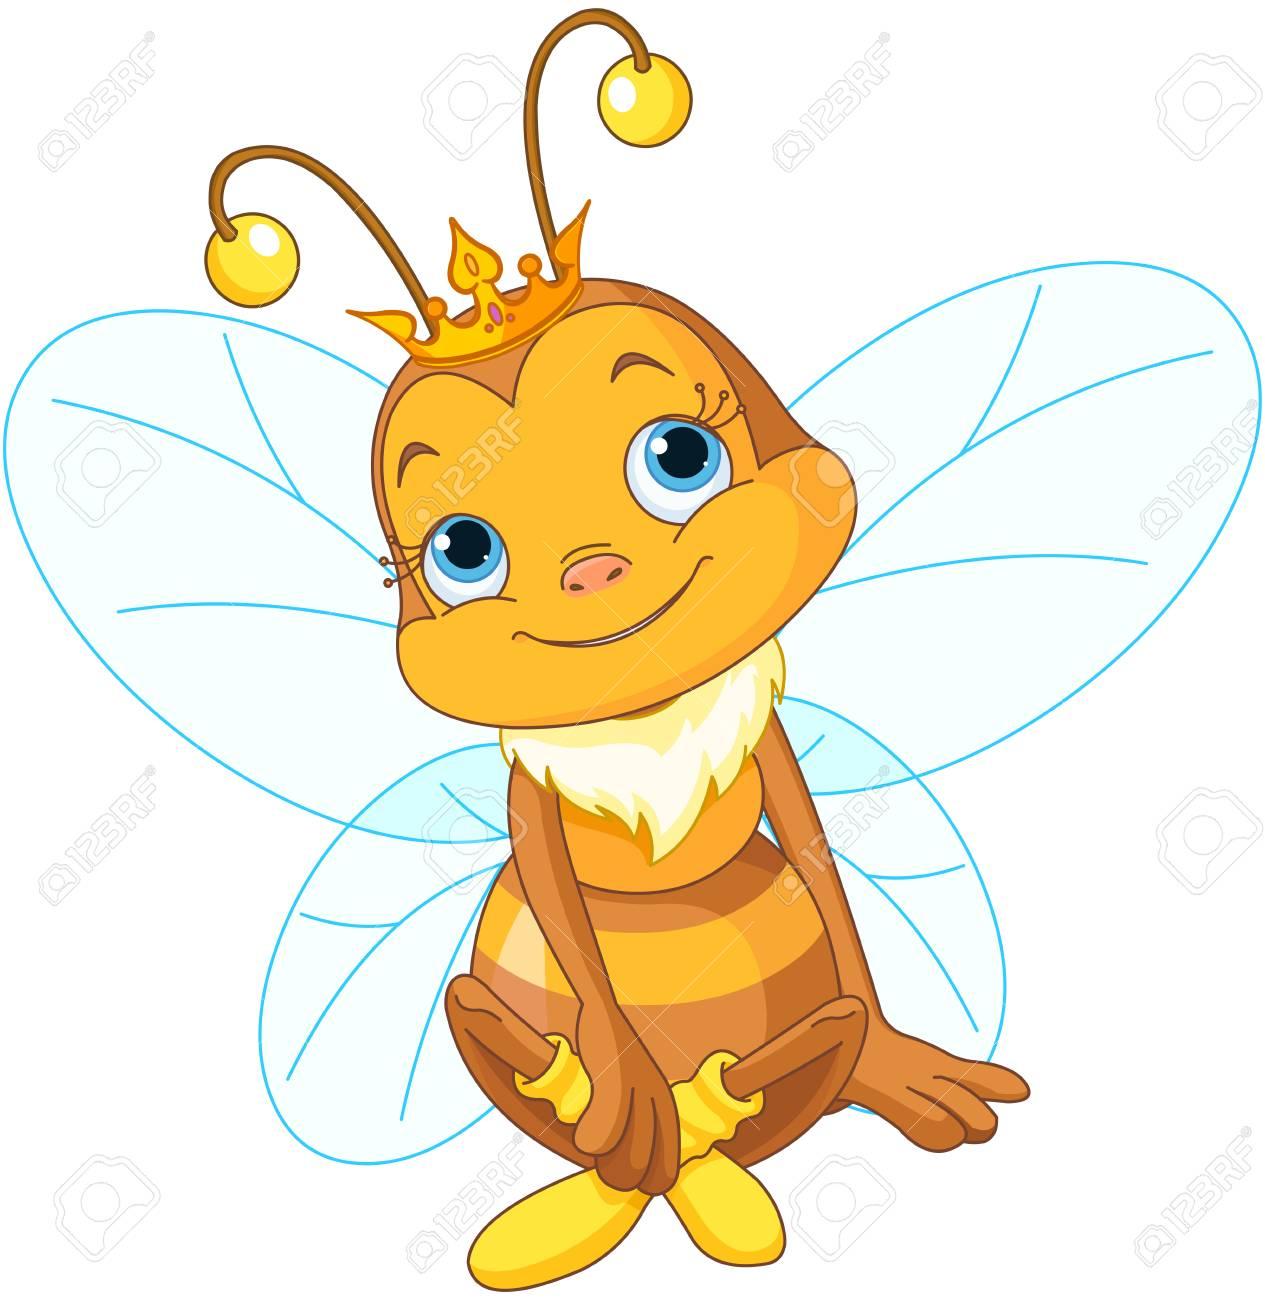 かわいい女王ミツバチのイラストのイラスト素材 ベクタ Image